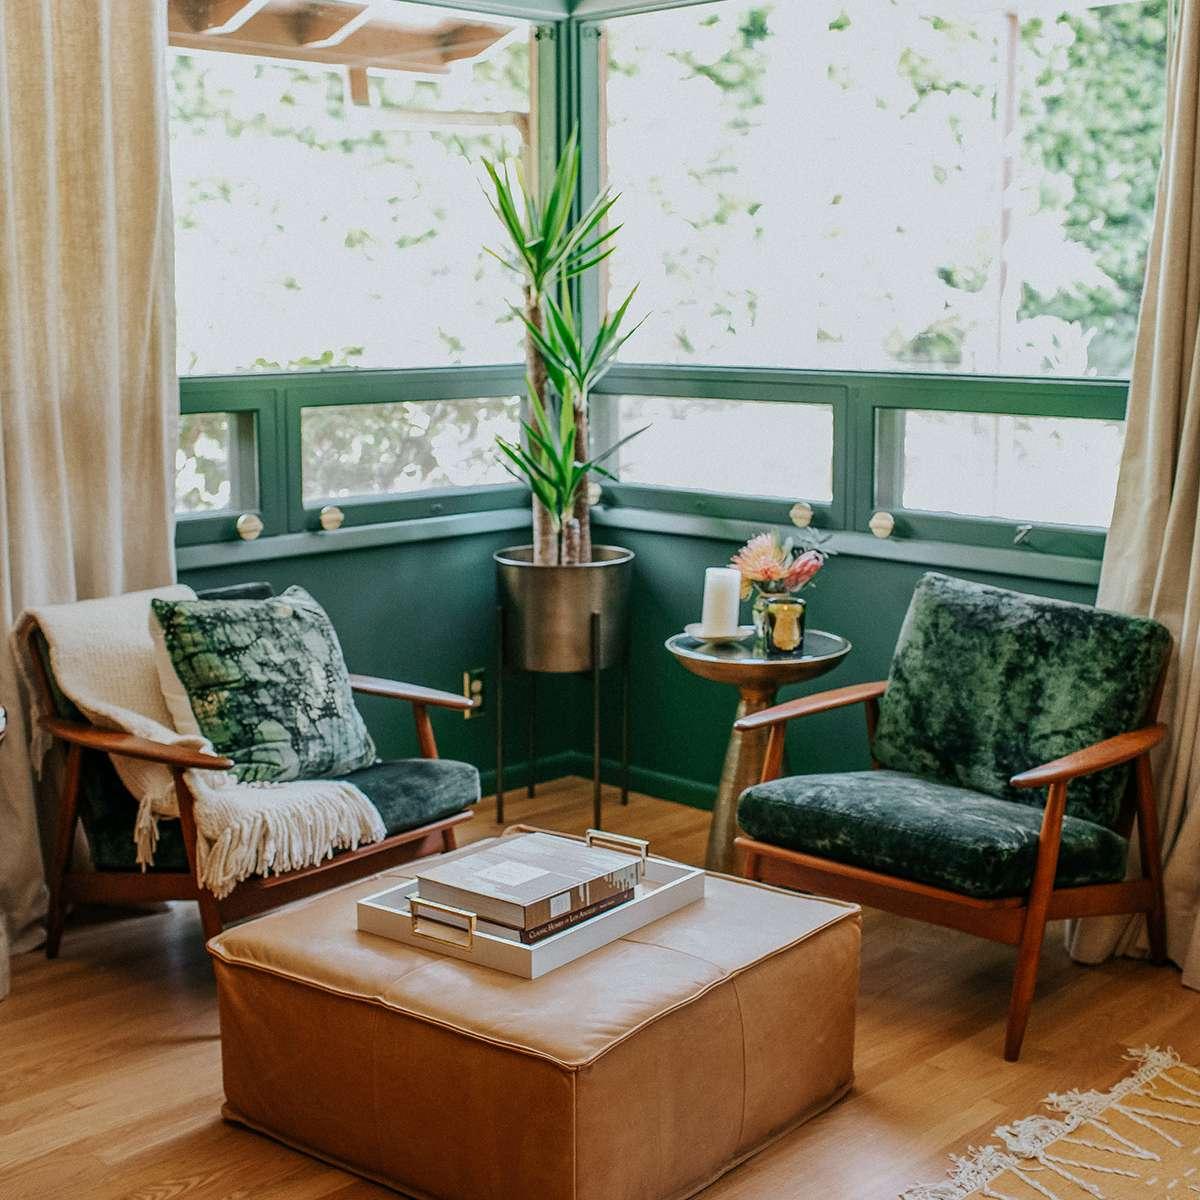 Dormitorio principal verde: Claire Thomas